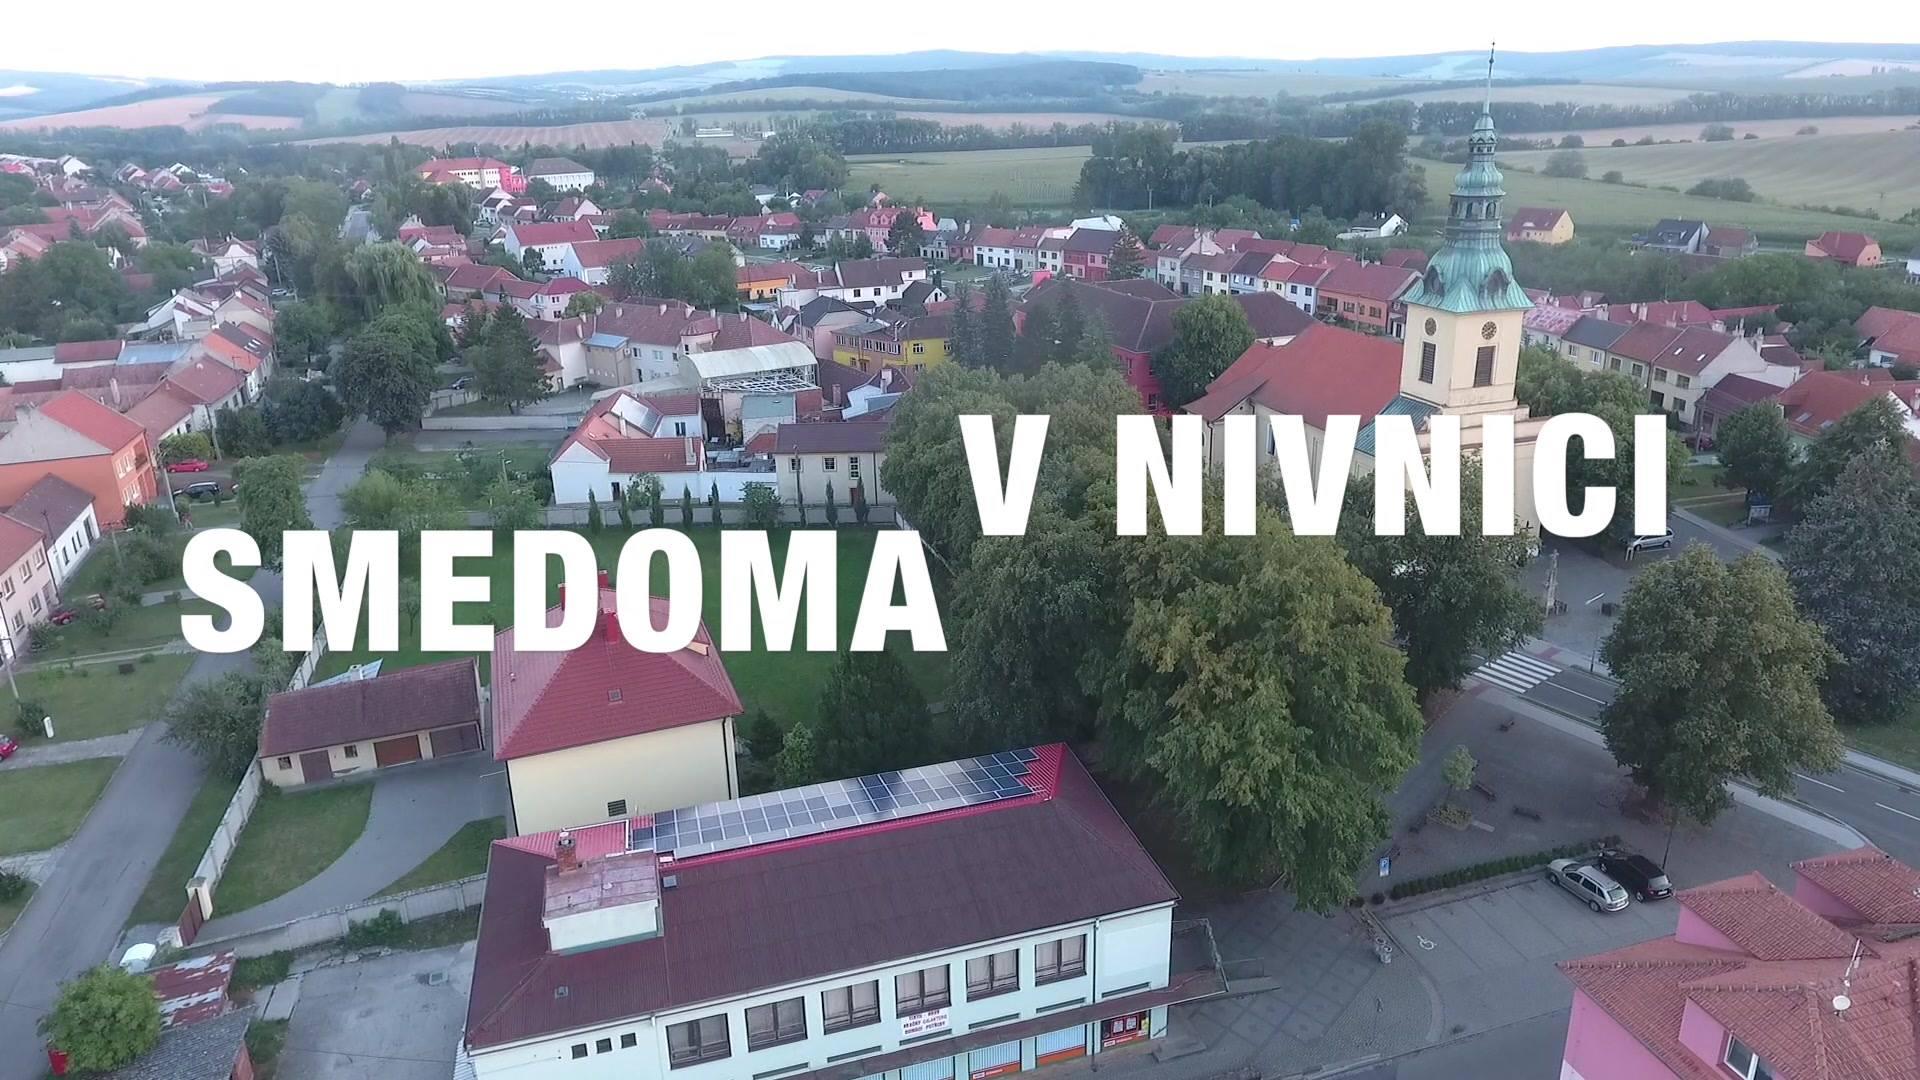 Smedoma kino v Nivnici 2018